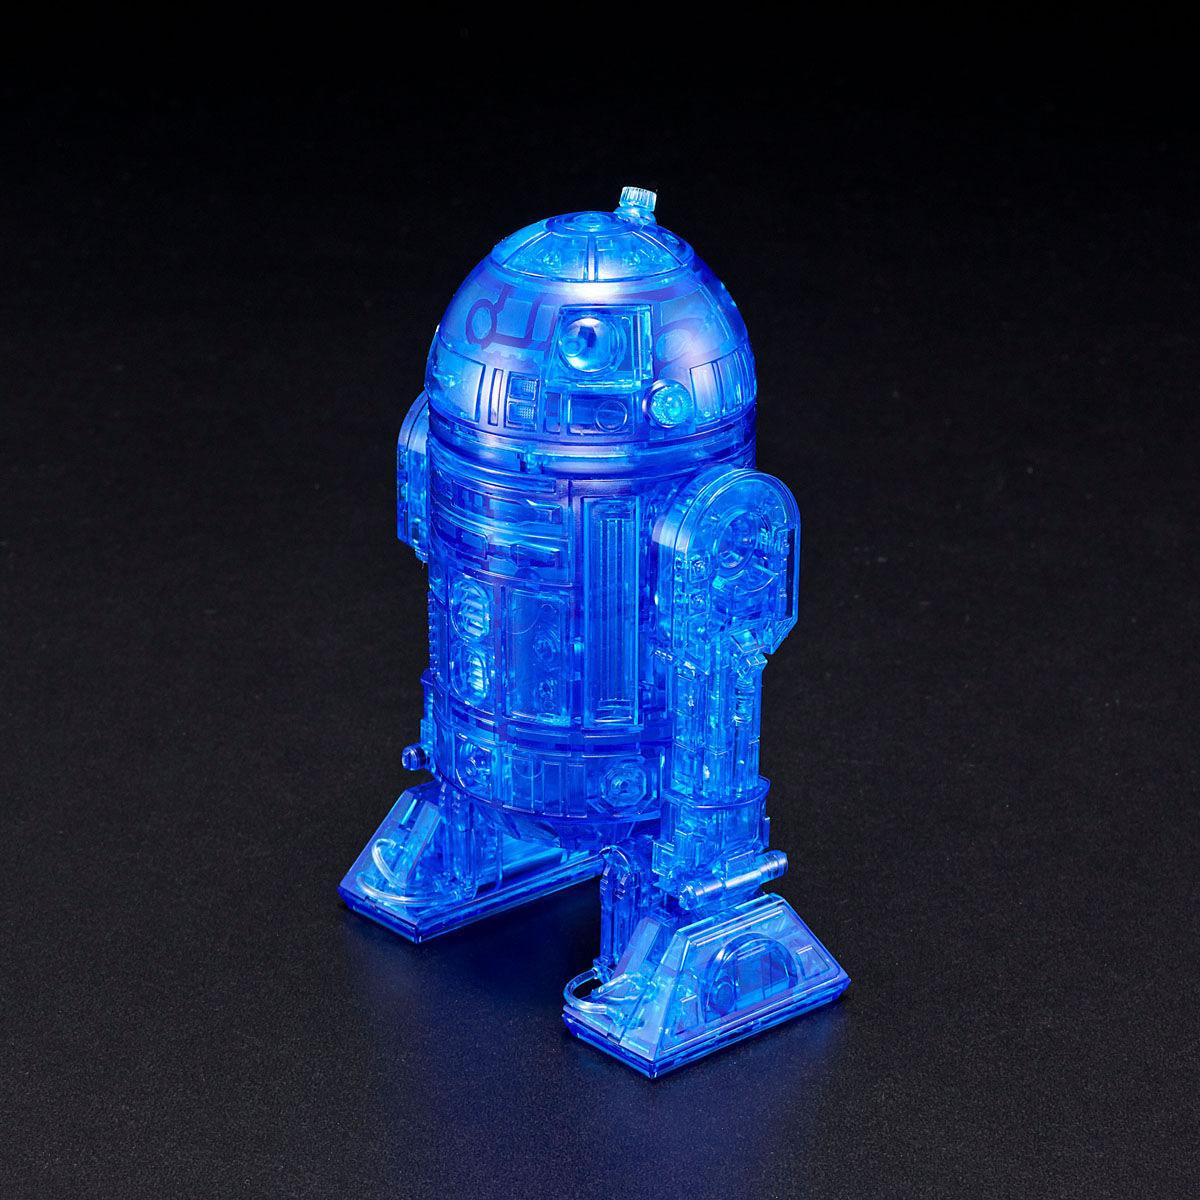 【限定販売】1/12『R2-D2(ホログラムVer.)』スター・ウォーズ プラモデル-007